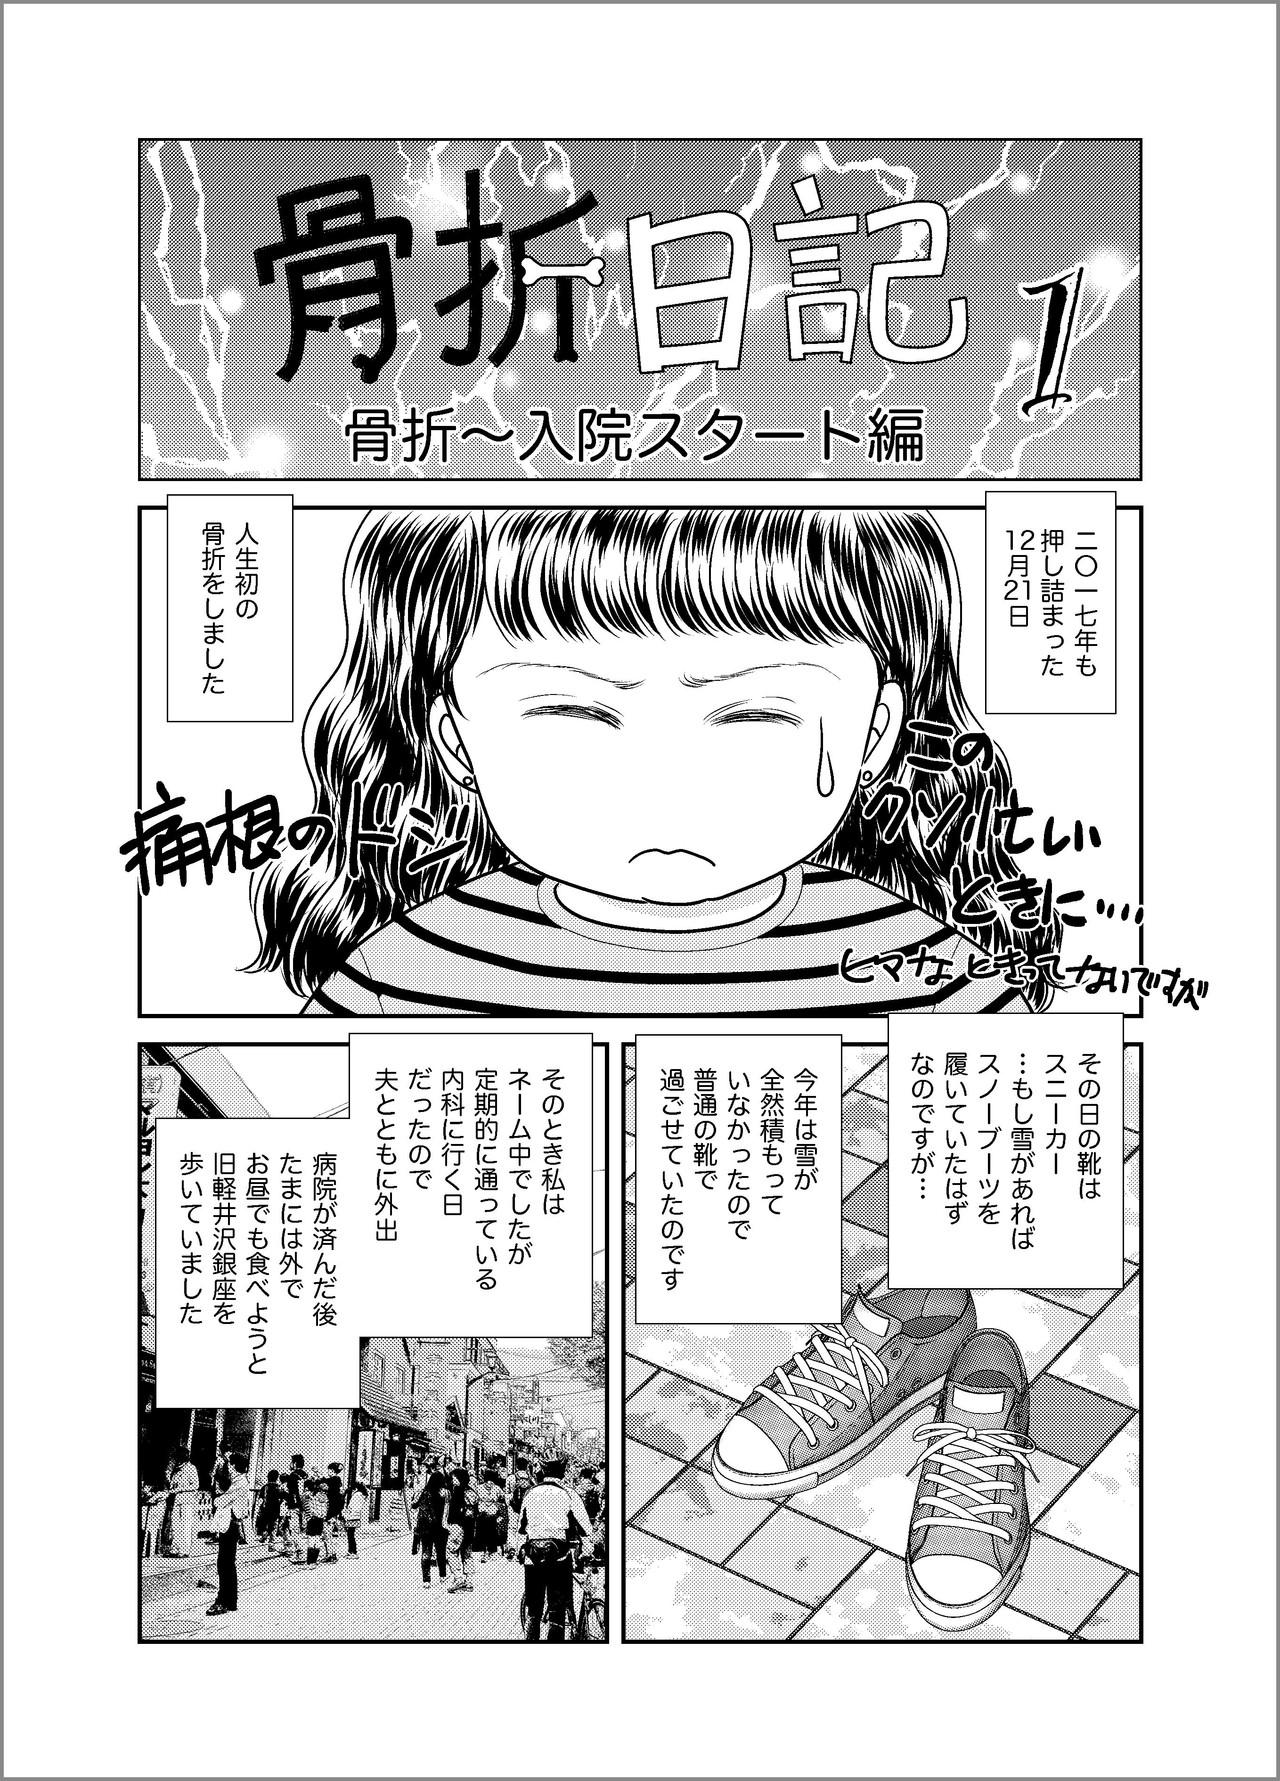 『骨折日記』はeBookJapan様にてご購入いただけます。こちらは試し読みとなります。